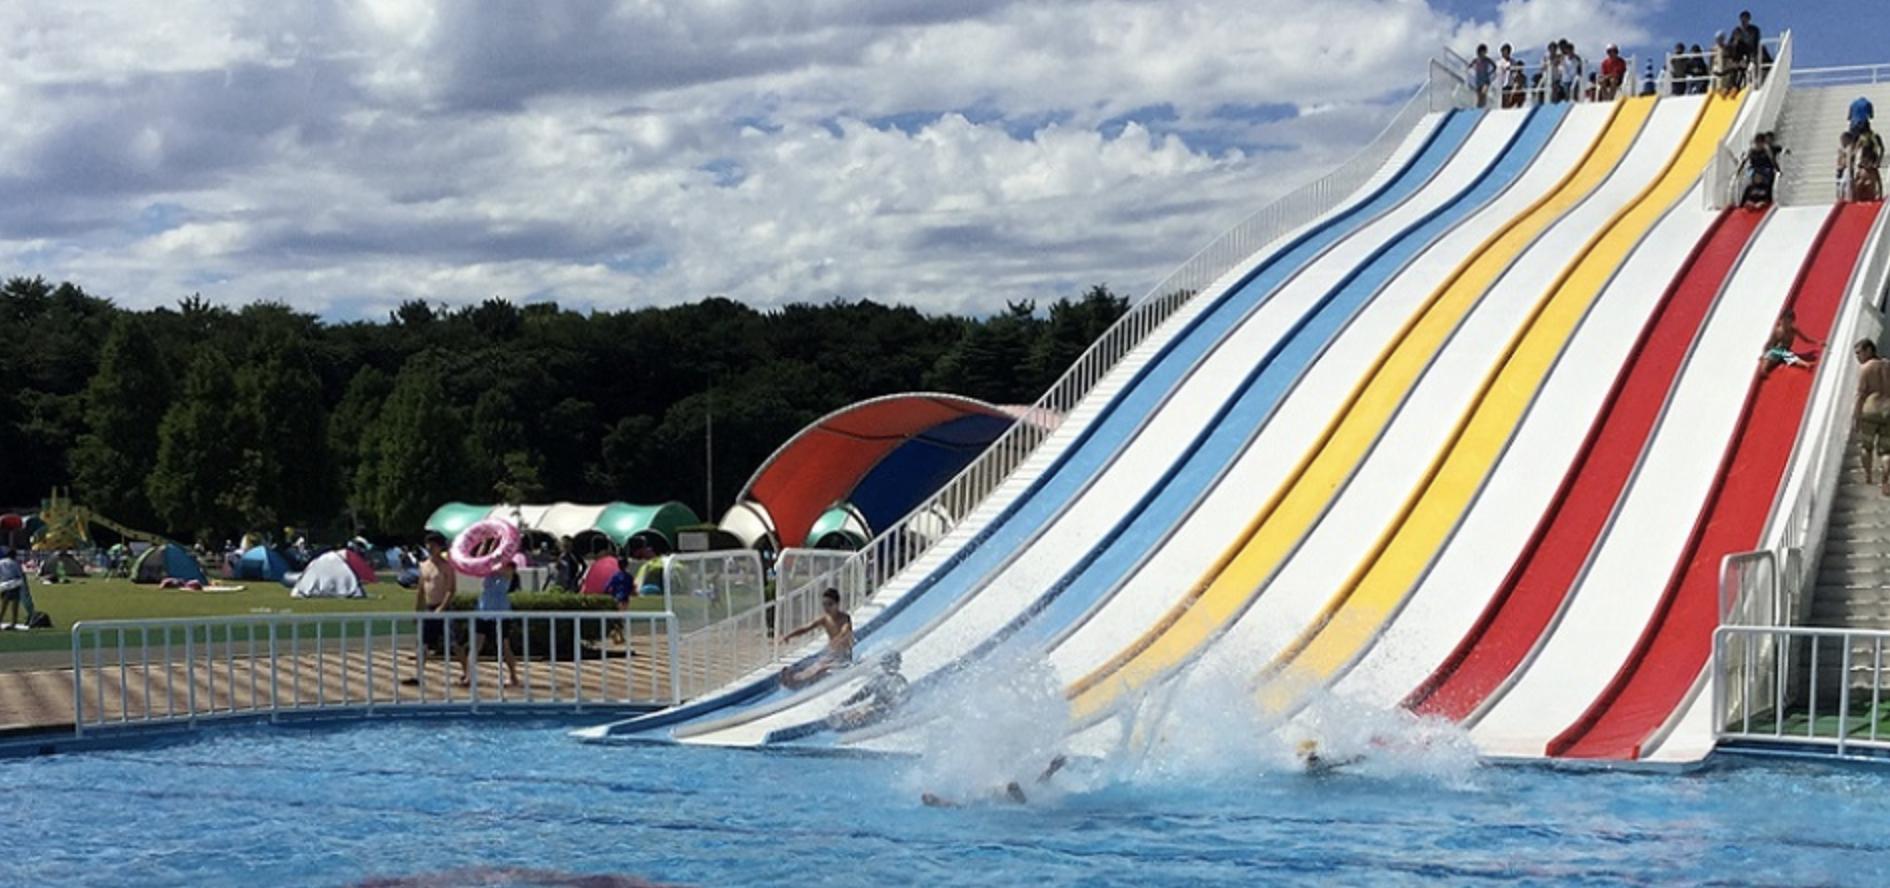 『さいたま』『しらこばと』『川越』『加須はなさき』の県営4水上公園が2021年7月31日(土)から夏季プールをオープン!